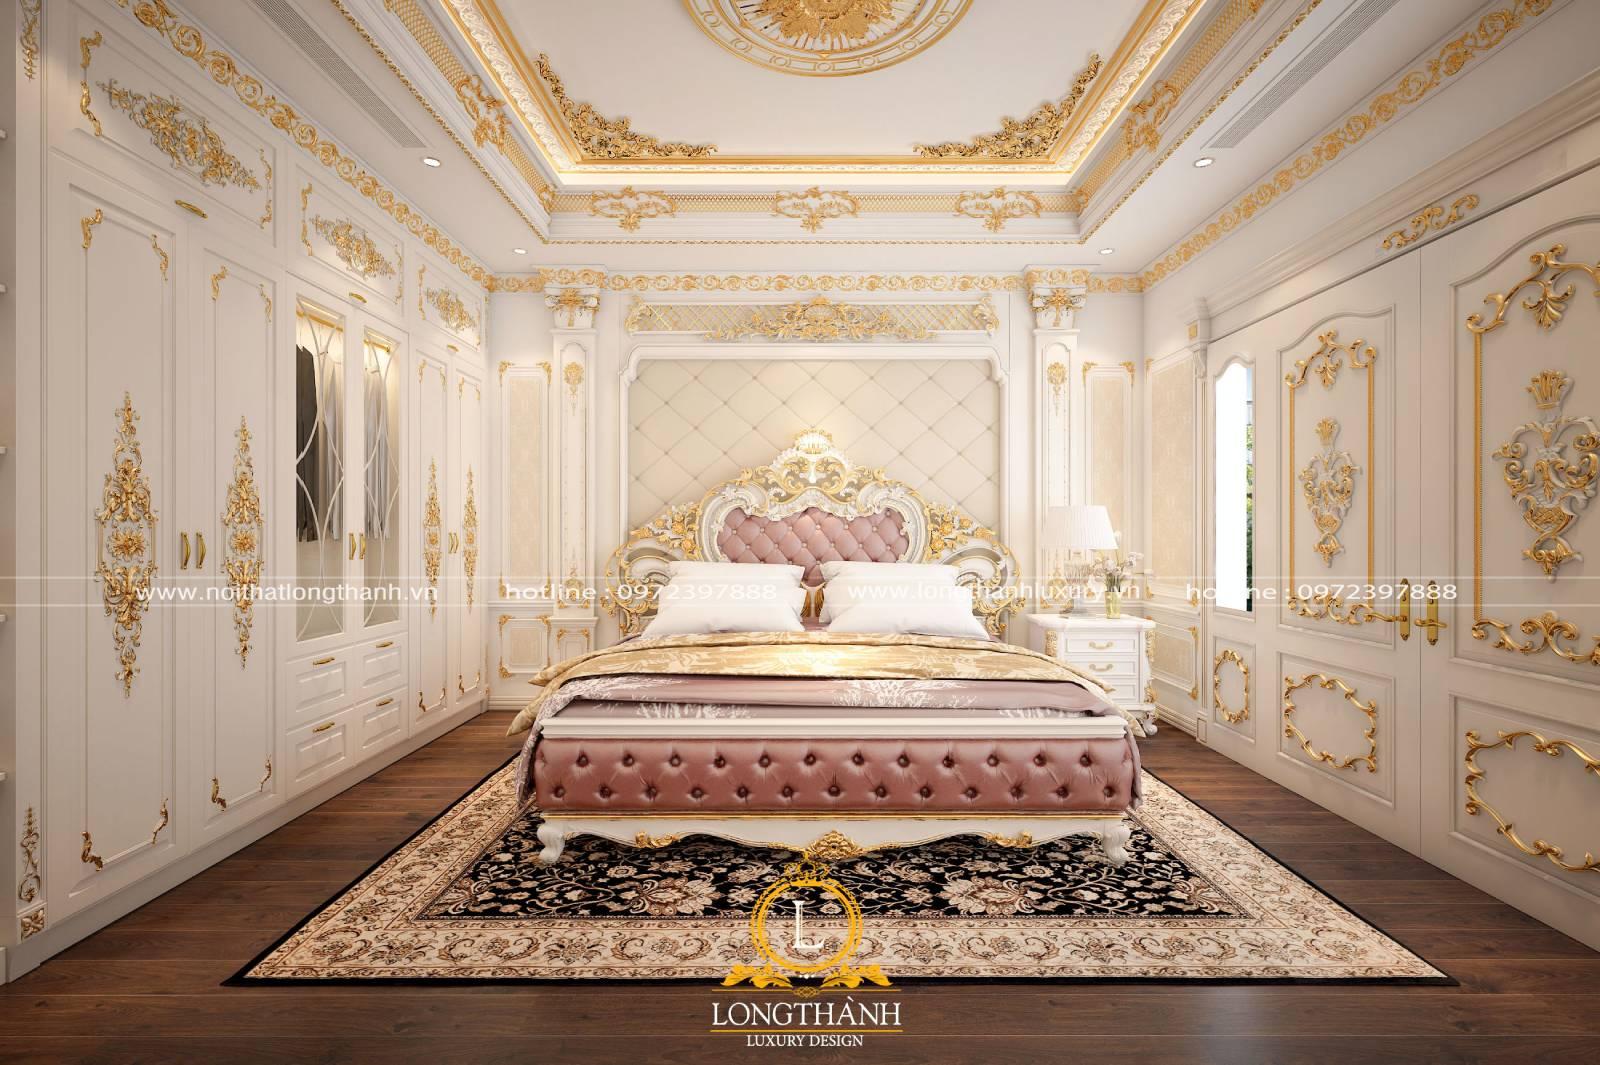 Mẫu giường ngủ tân cổ điển làm từ da tự nhiên cao cấp